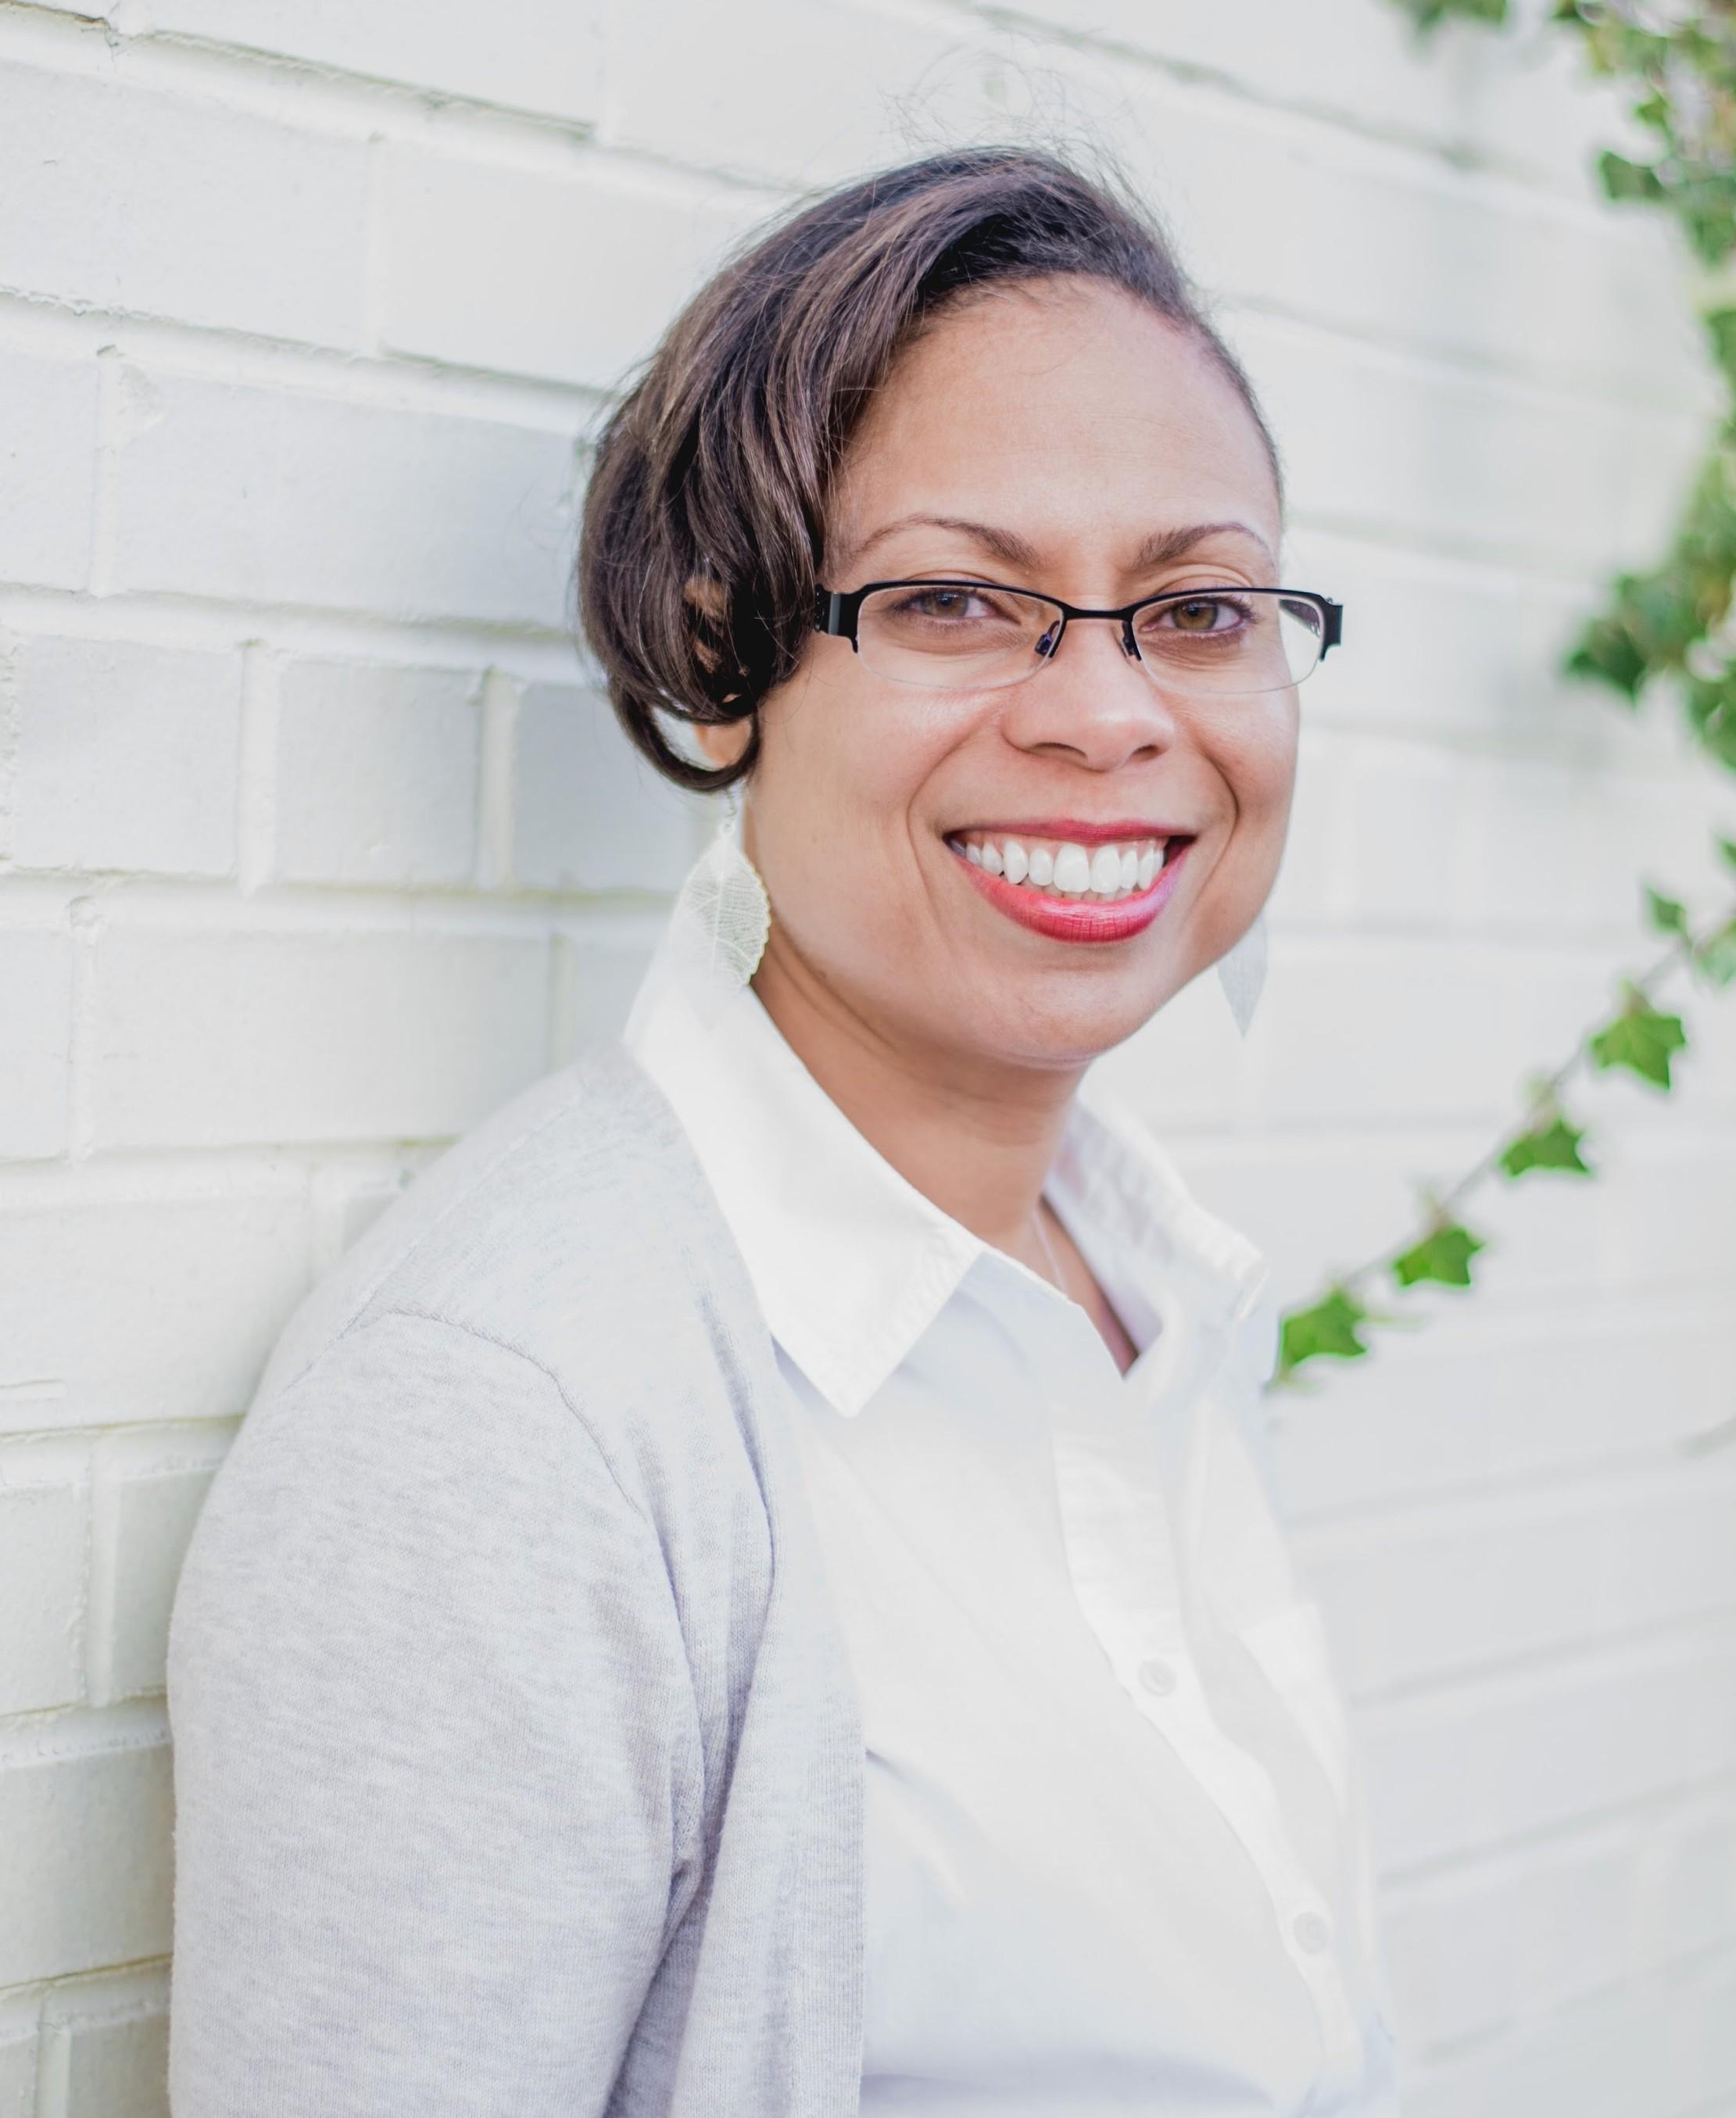 Michelle E. Johnson